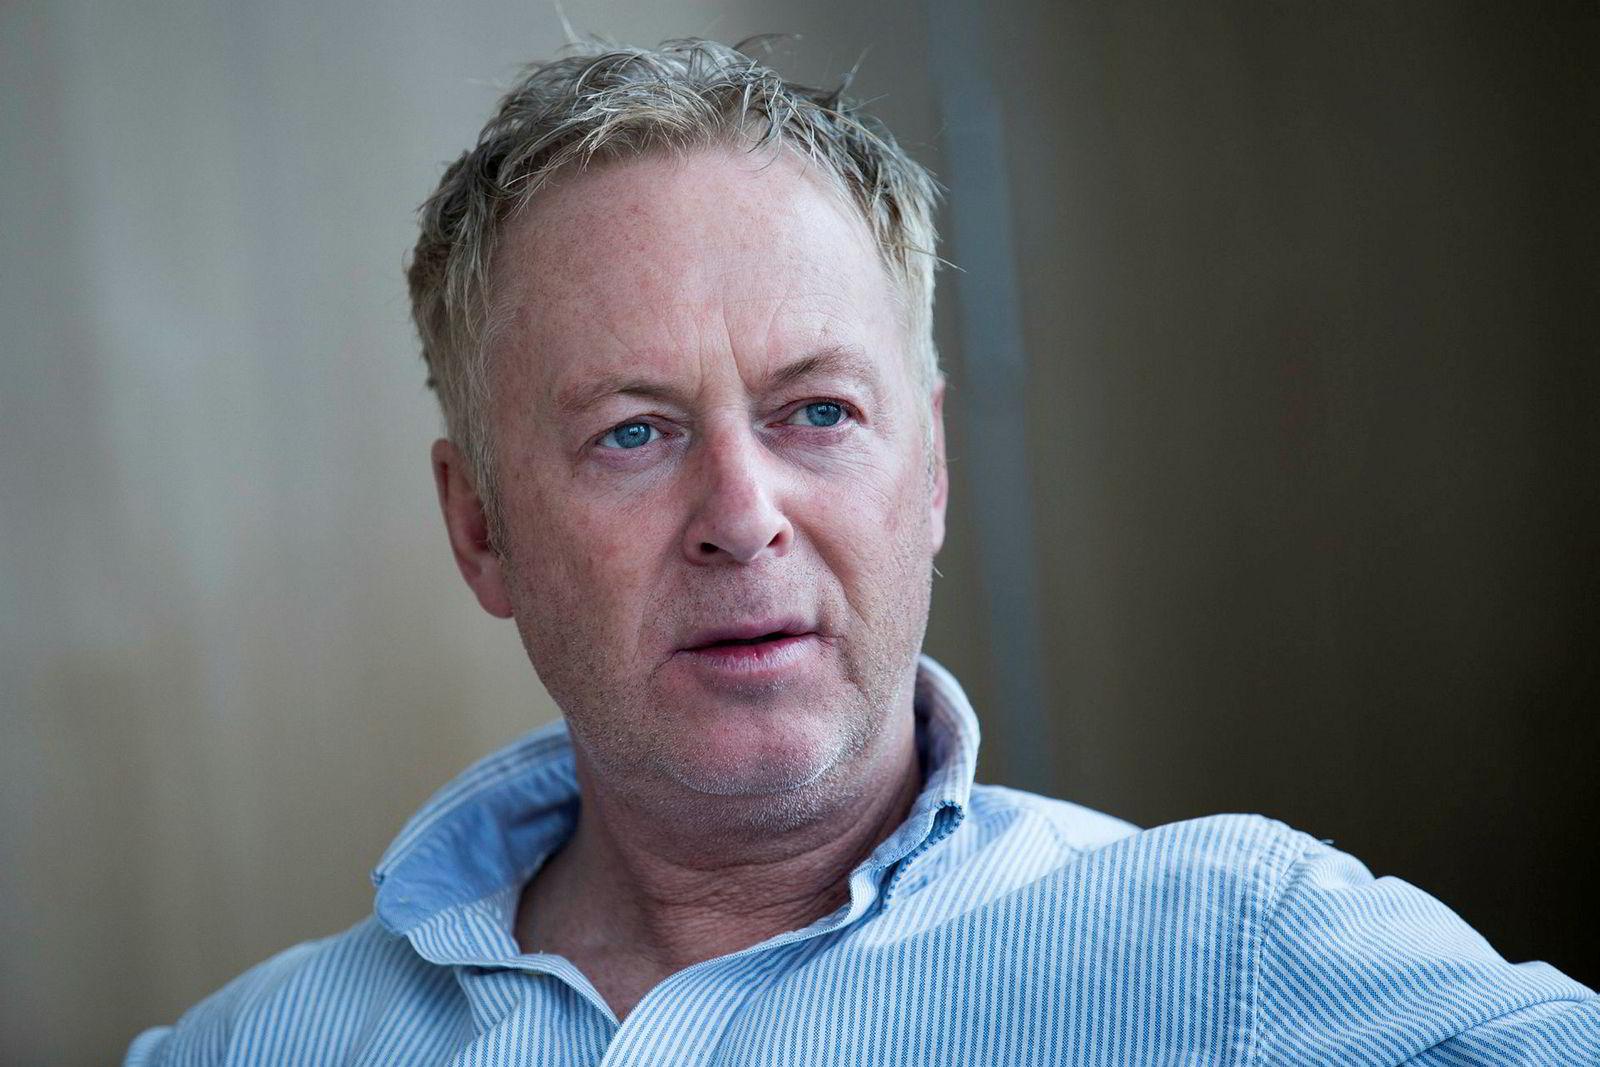 Avfallsmillionær Jonny Enger.